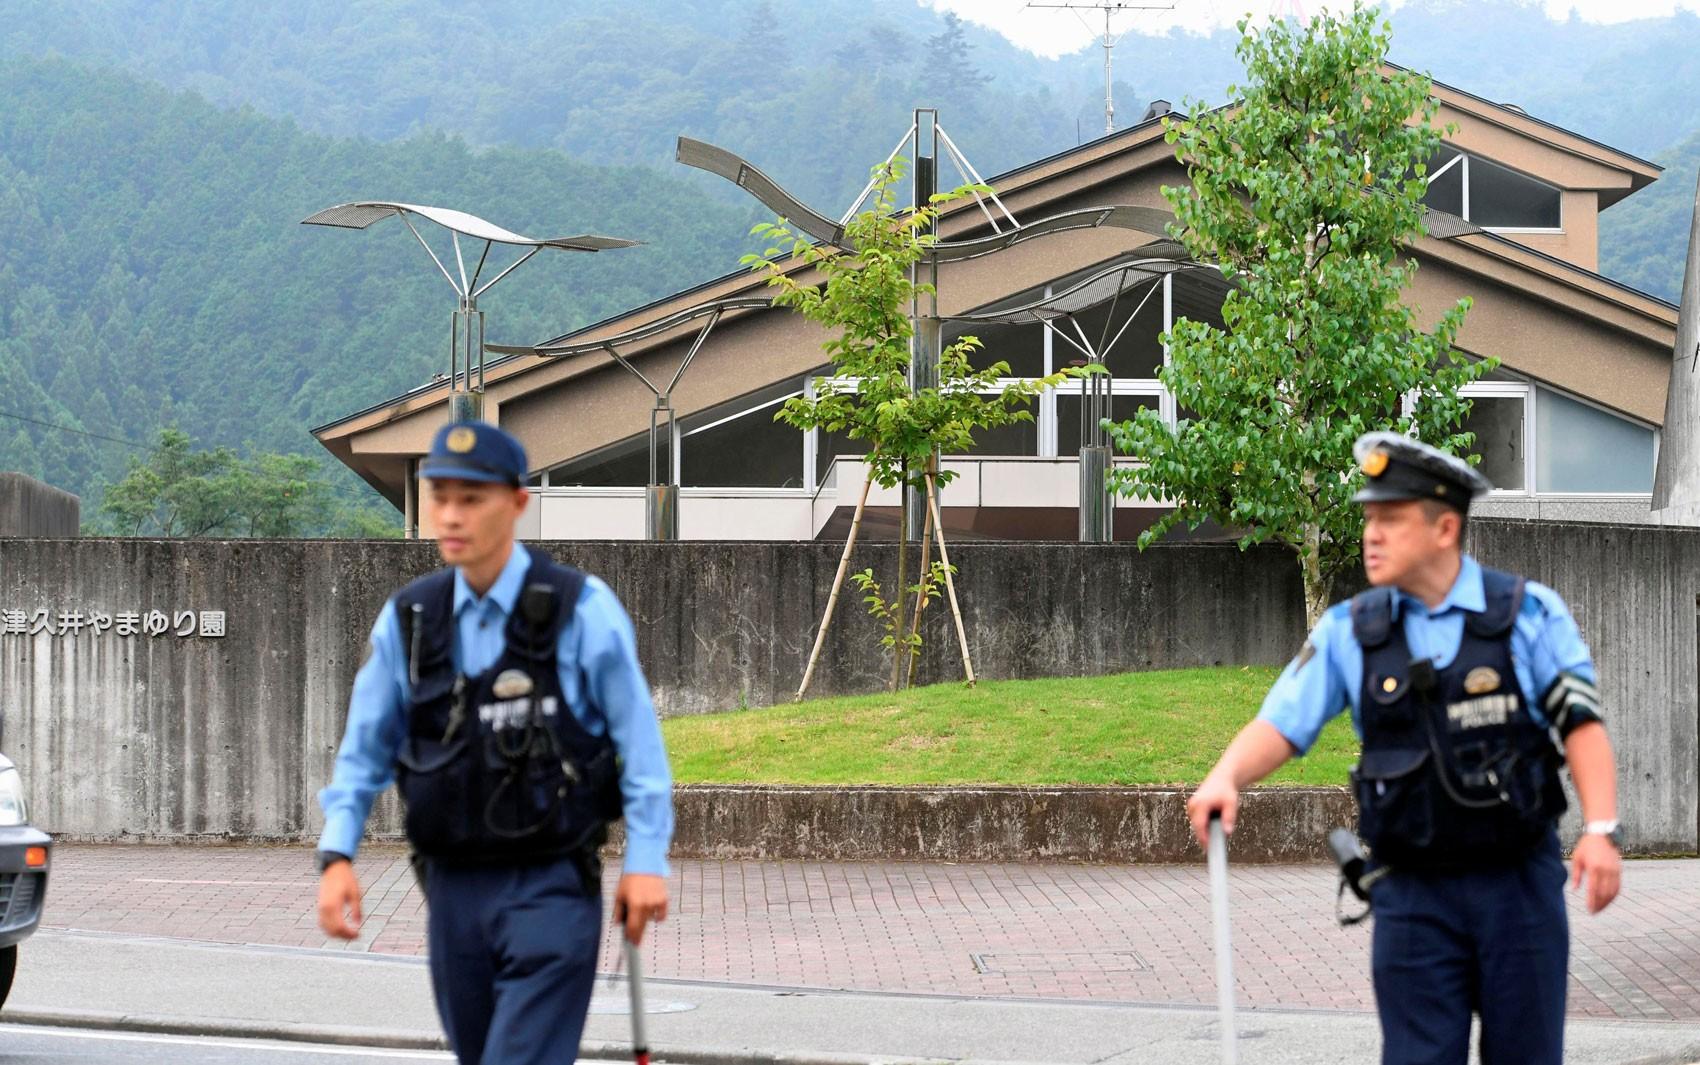 Policiais são vistos em frente ao centro Tsukui Yamayuri-en, onde um homem atacou pacientes com uma faca na madrugada de terça (26), em Sagamihara, no Japão (Foto: Kyodo/via Reuters)